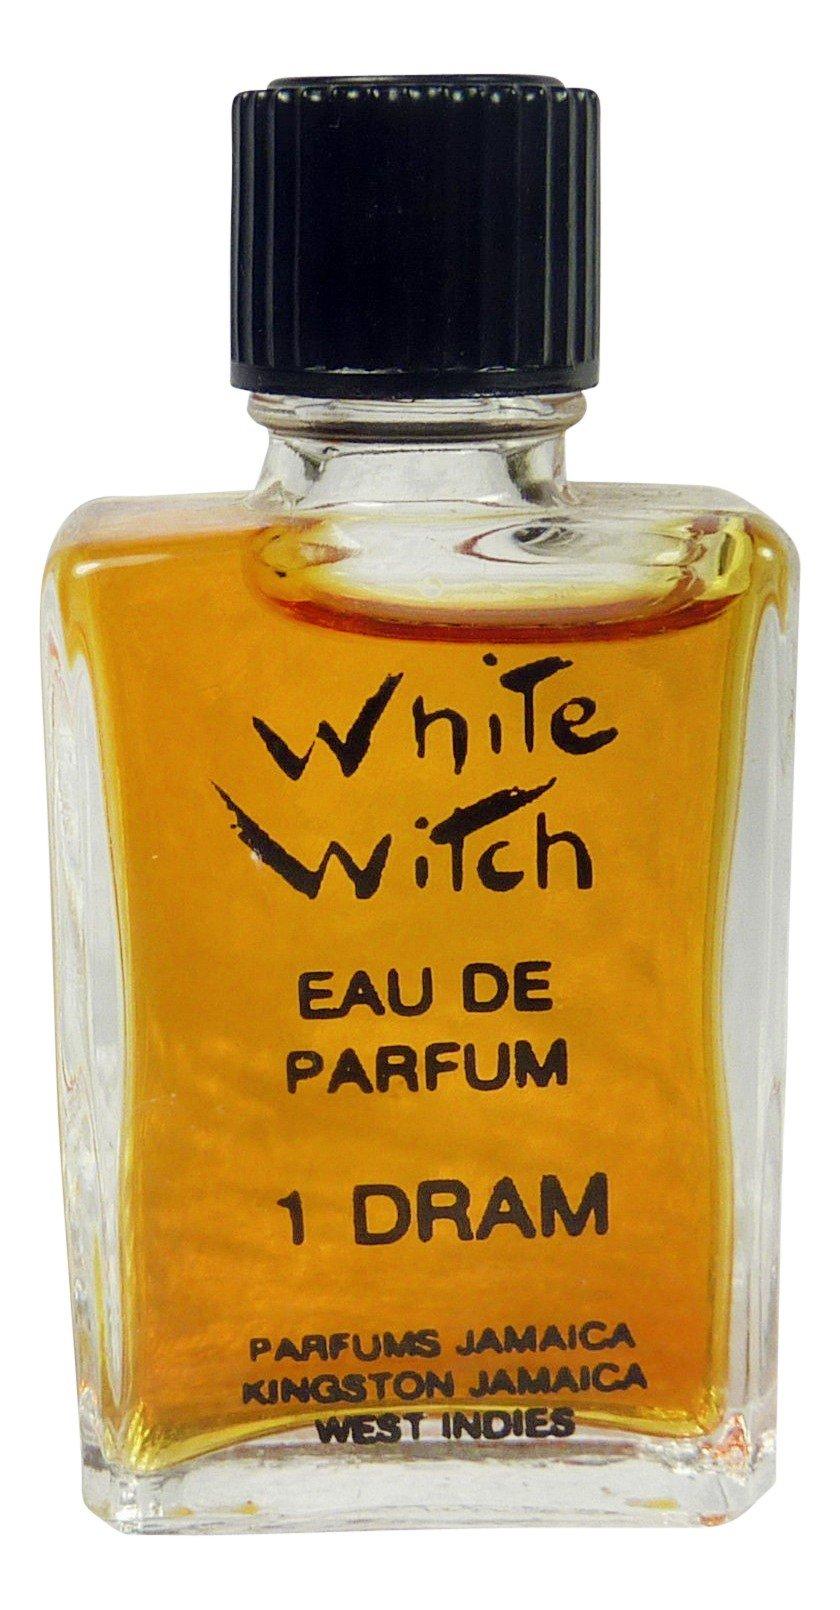 parfums jamaica white witch eau de parfum reviews. Black Bedroom Furniture Sets. Home Design Ideas